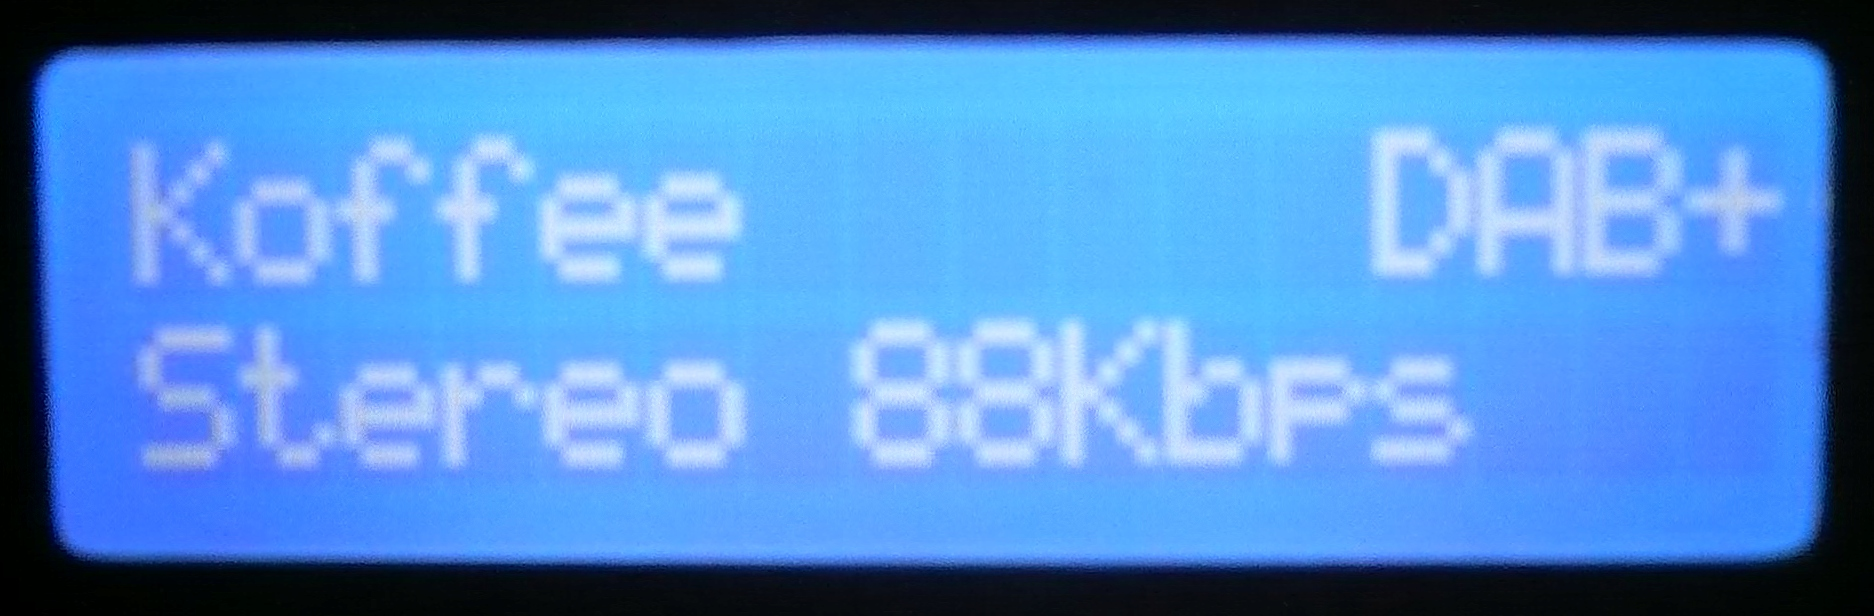 bauhn adr-6r digital radio manual